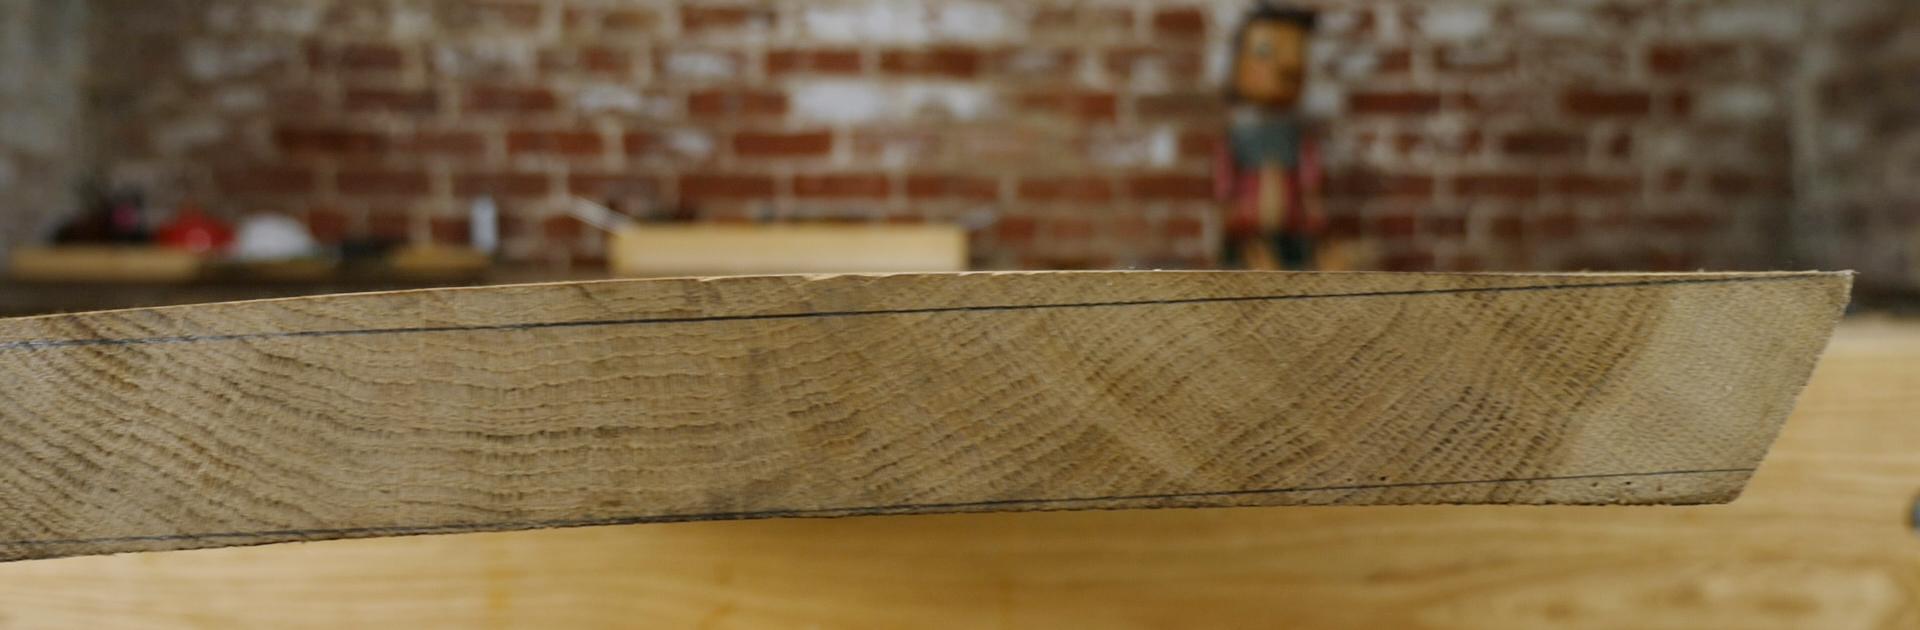 wide oak board cupped